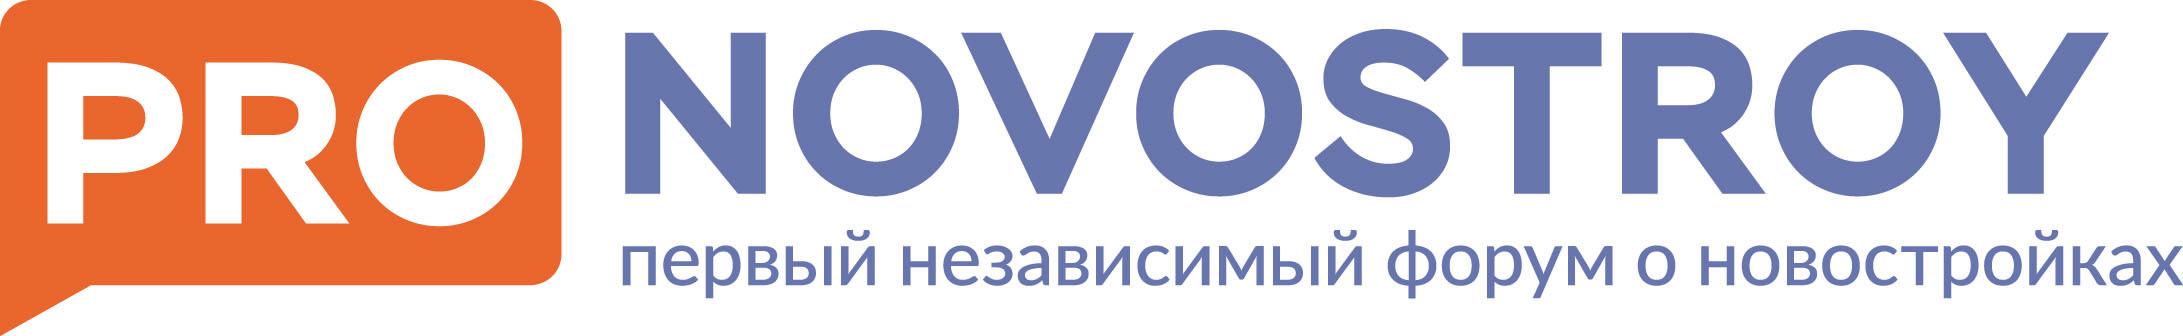 pronovostroy logo